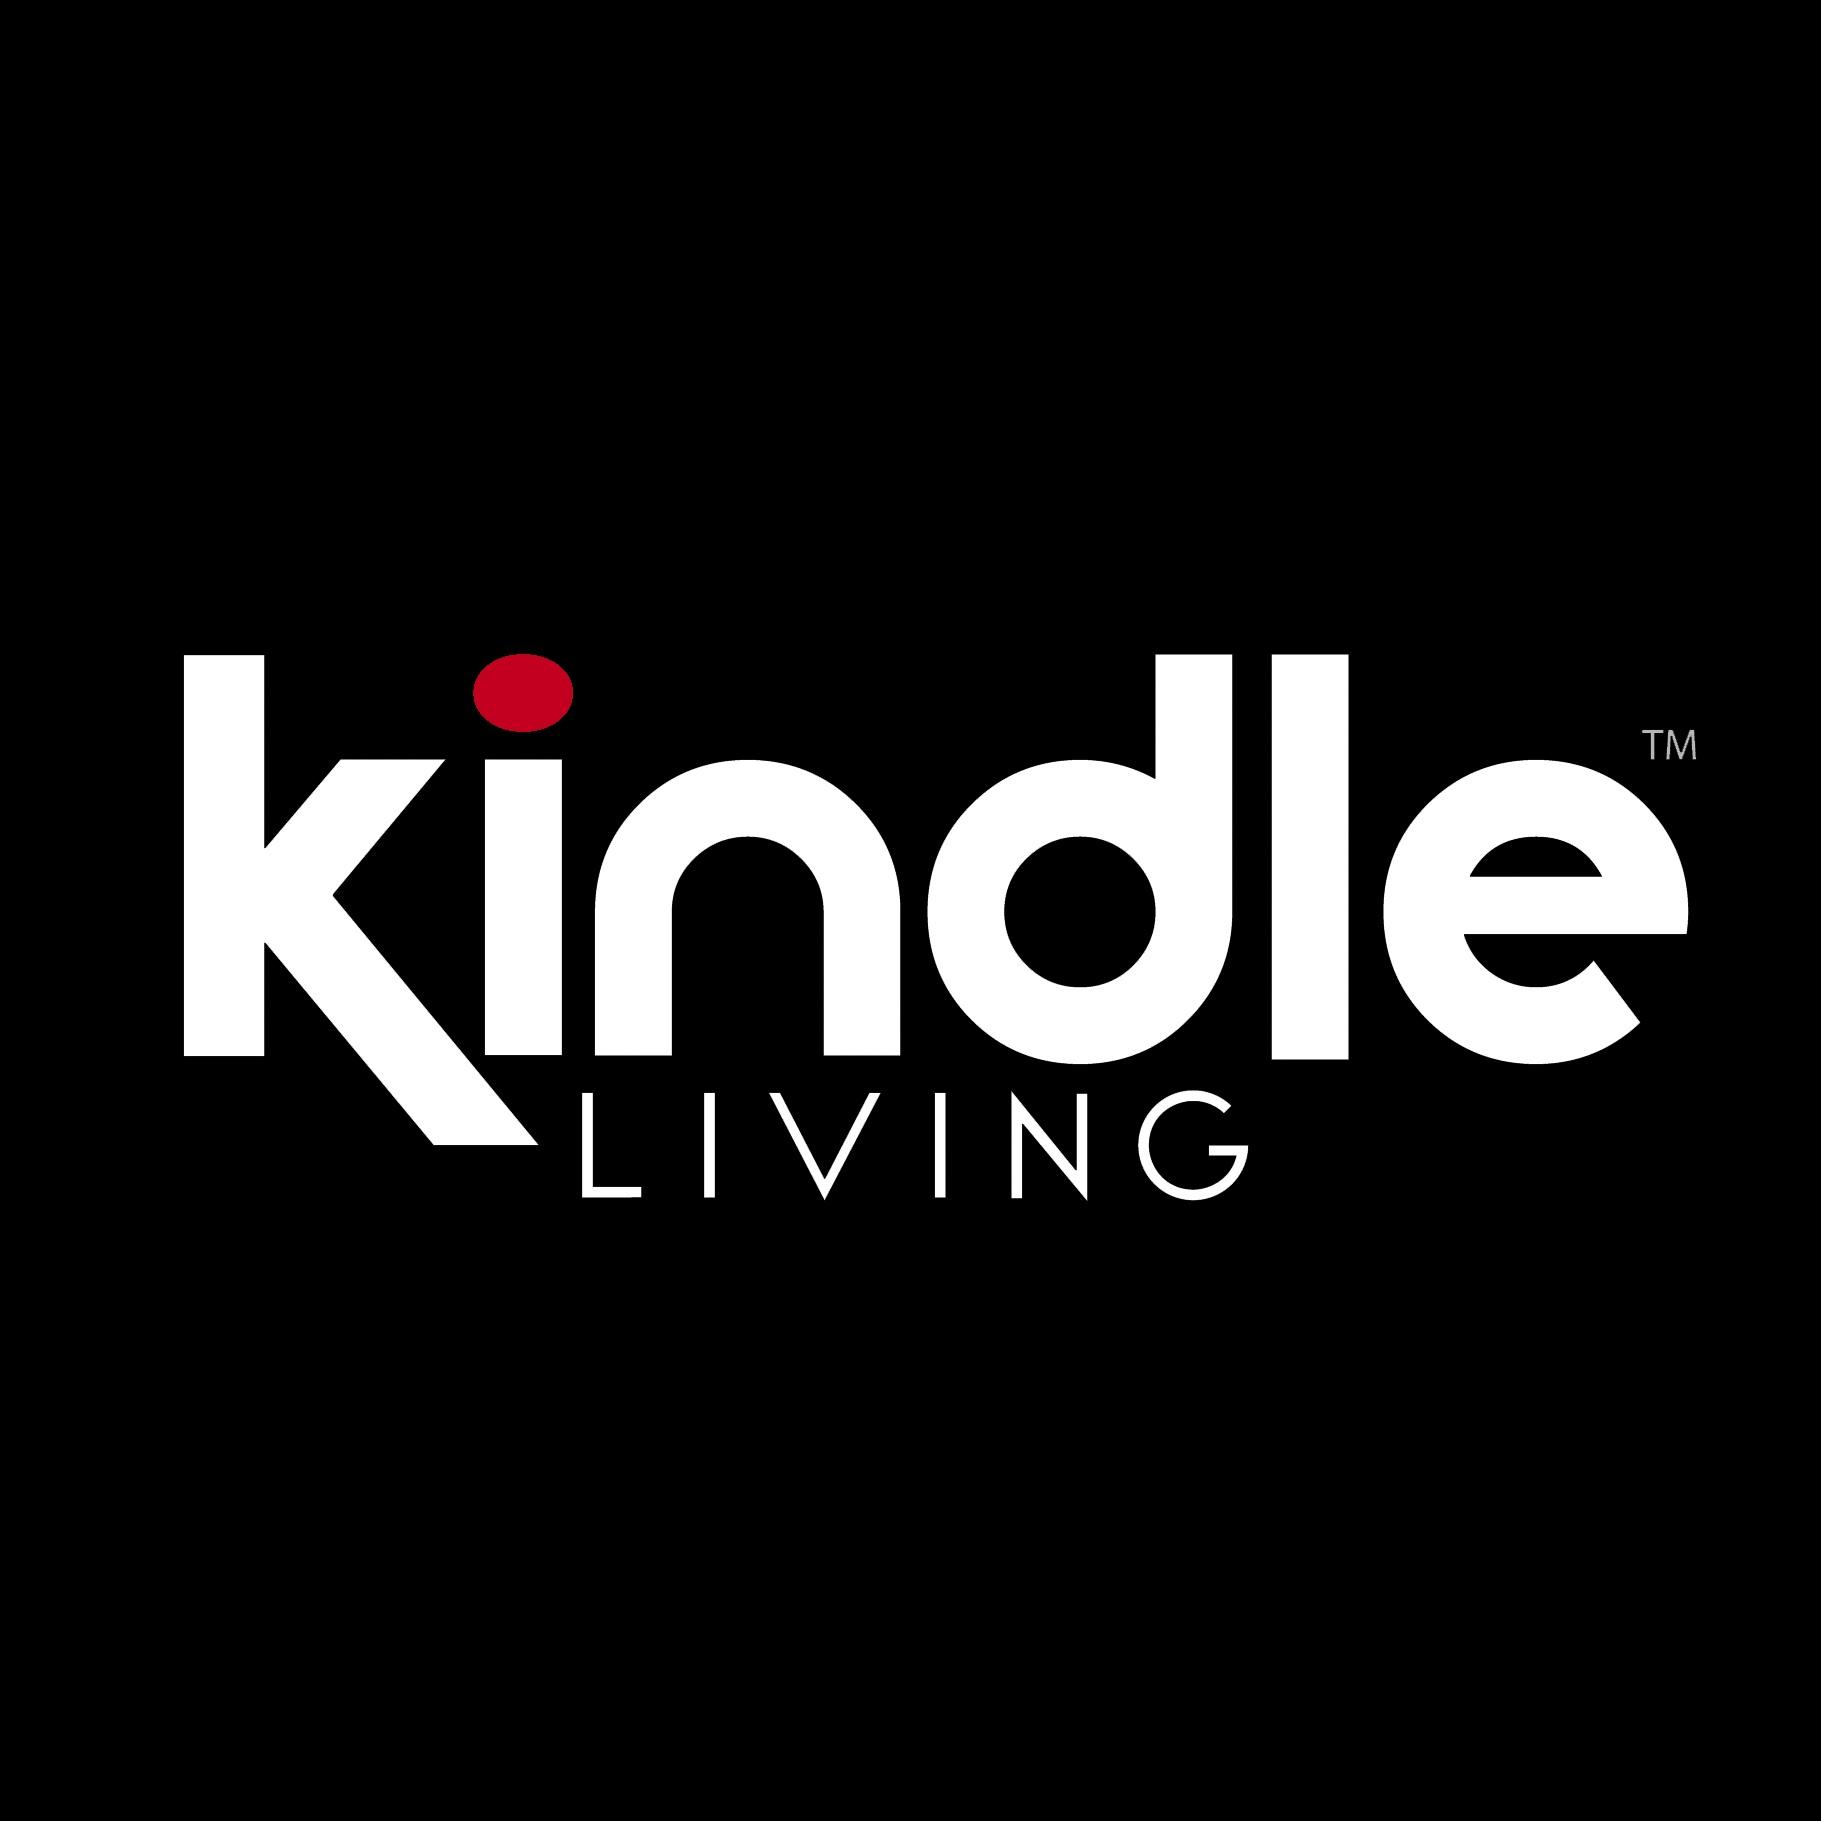 Kindle Living